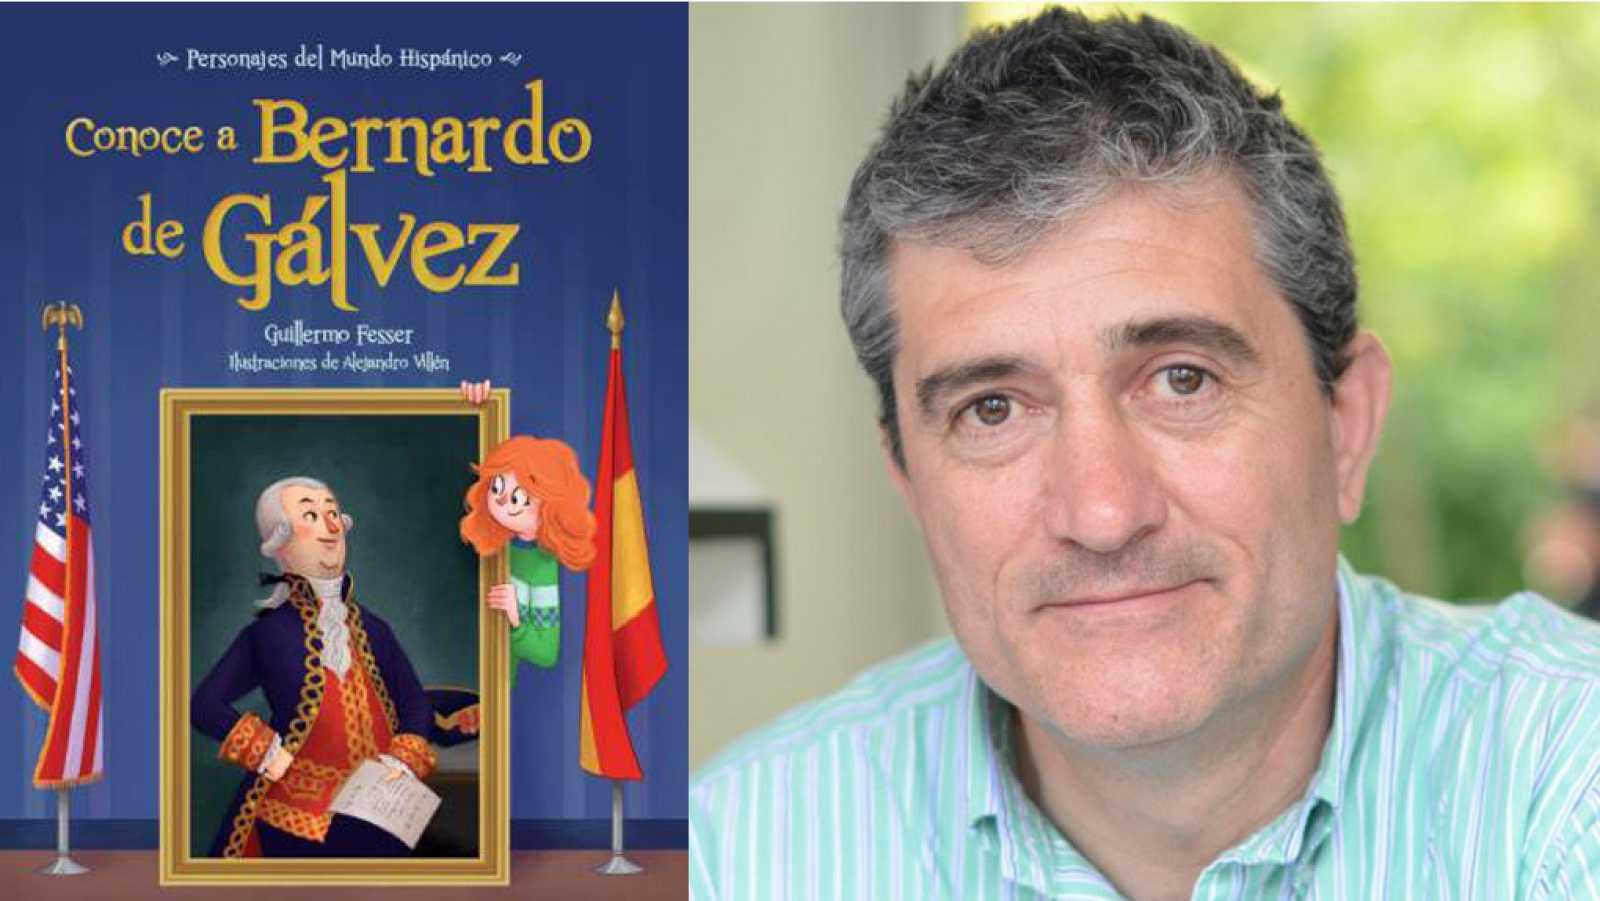 Punto de enlace - Guillermo Fesser recupera a Bernardo de Gálvez - 09/06/17 - Escuchar ahora